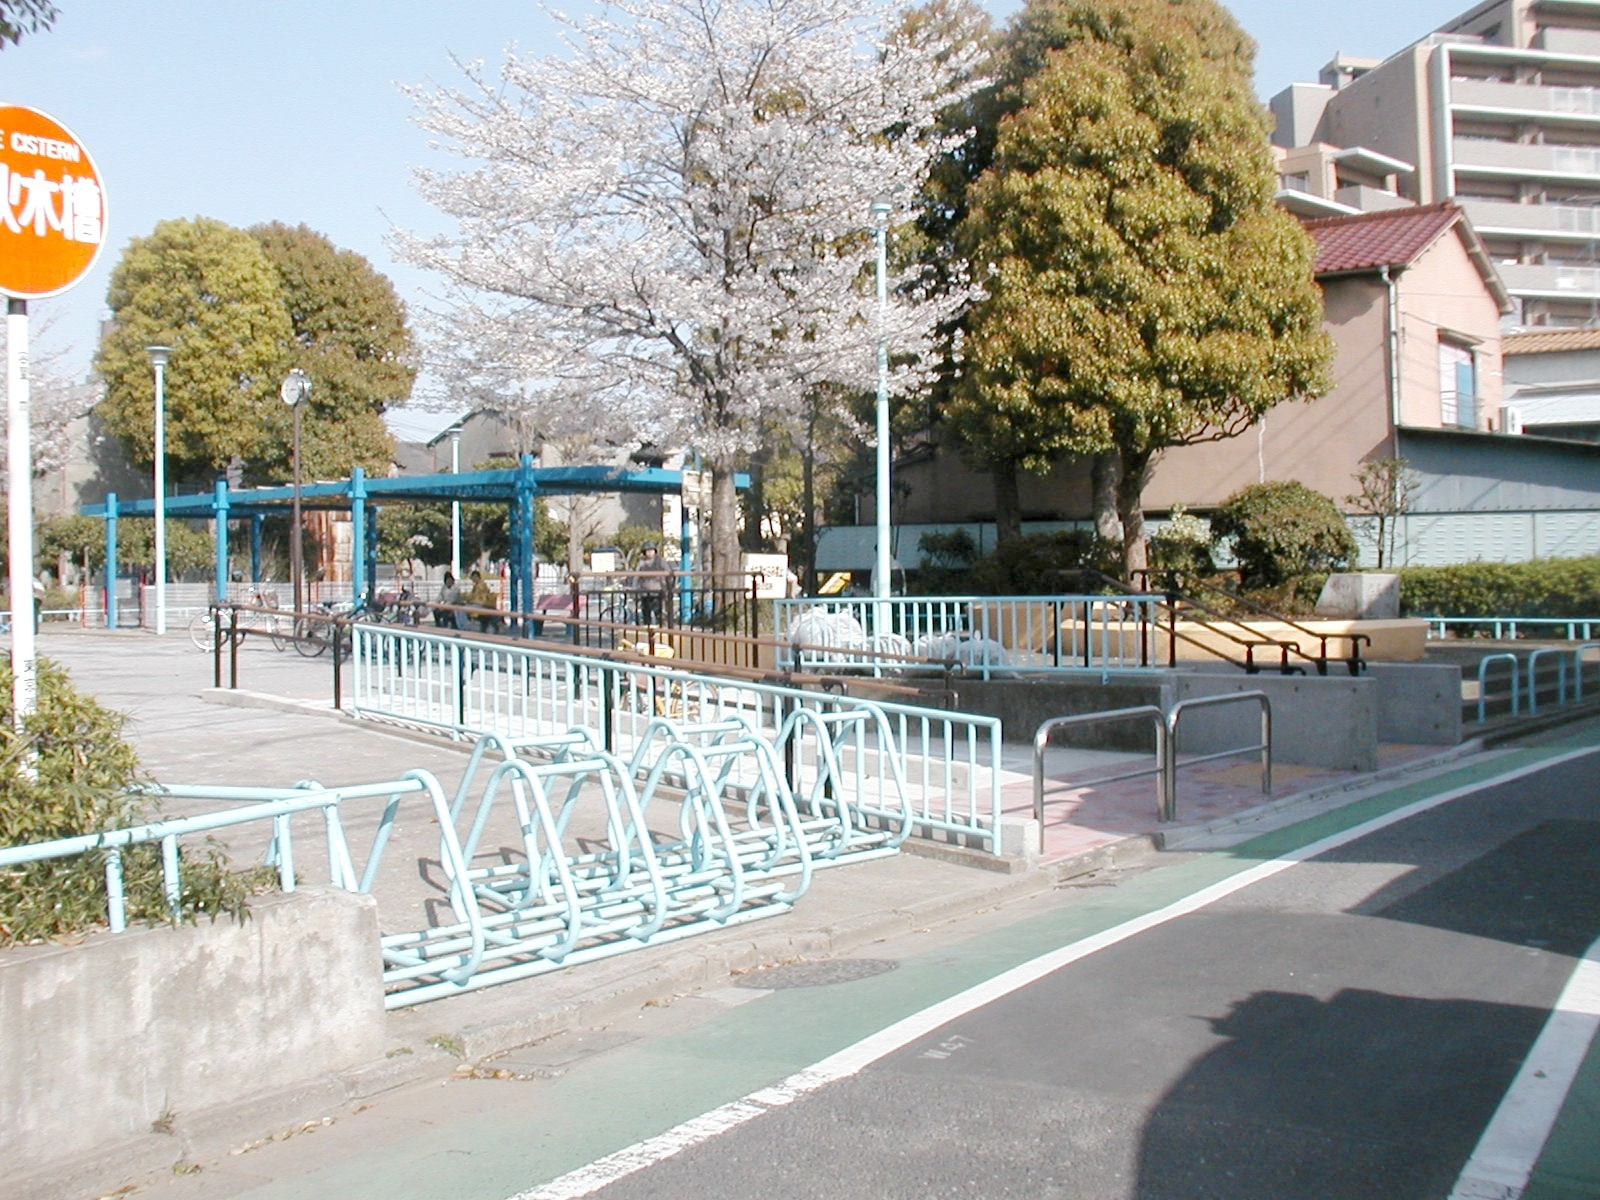 篠原公園改良(バリアフリー化)工事の施工後写真